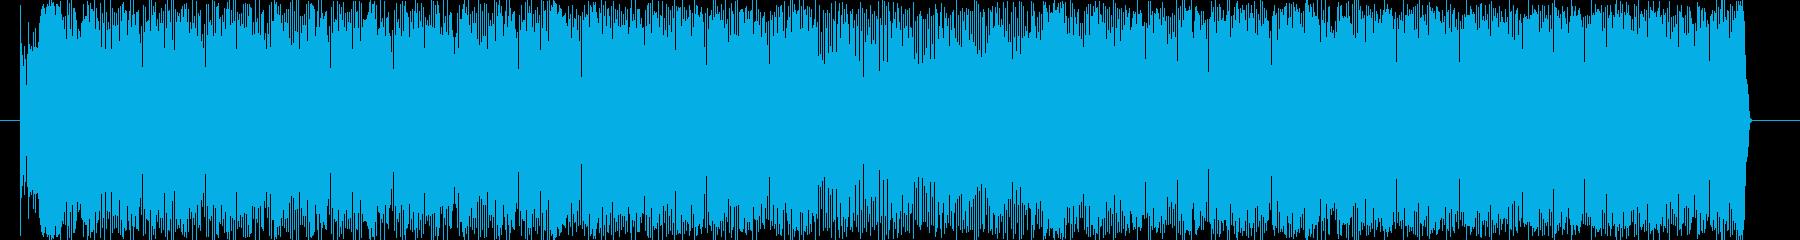 激しい 慌ただしい スピード  緊張の再生済みの波形